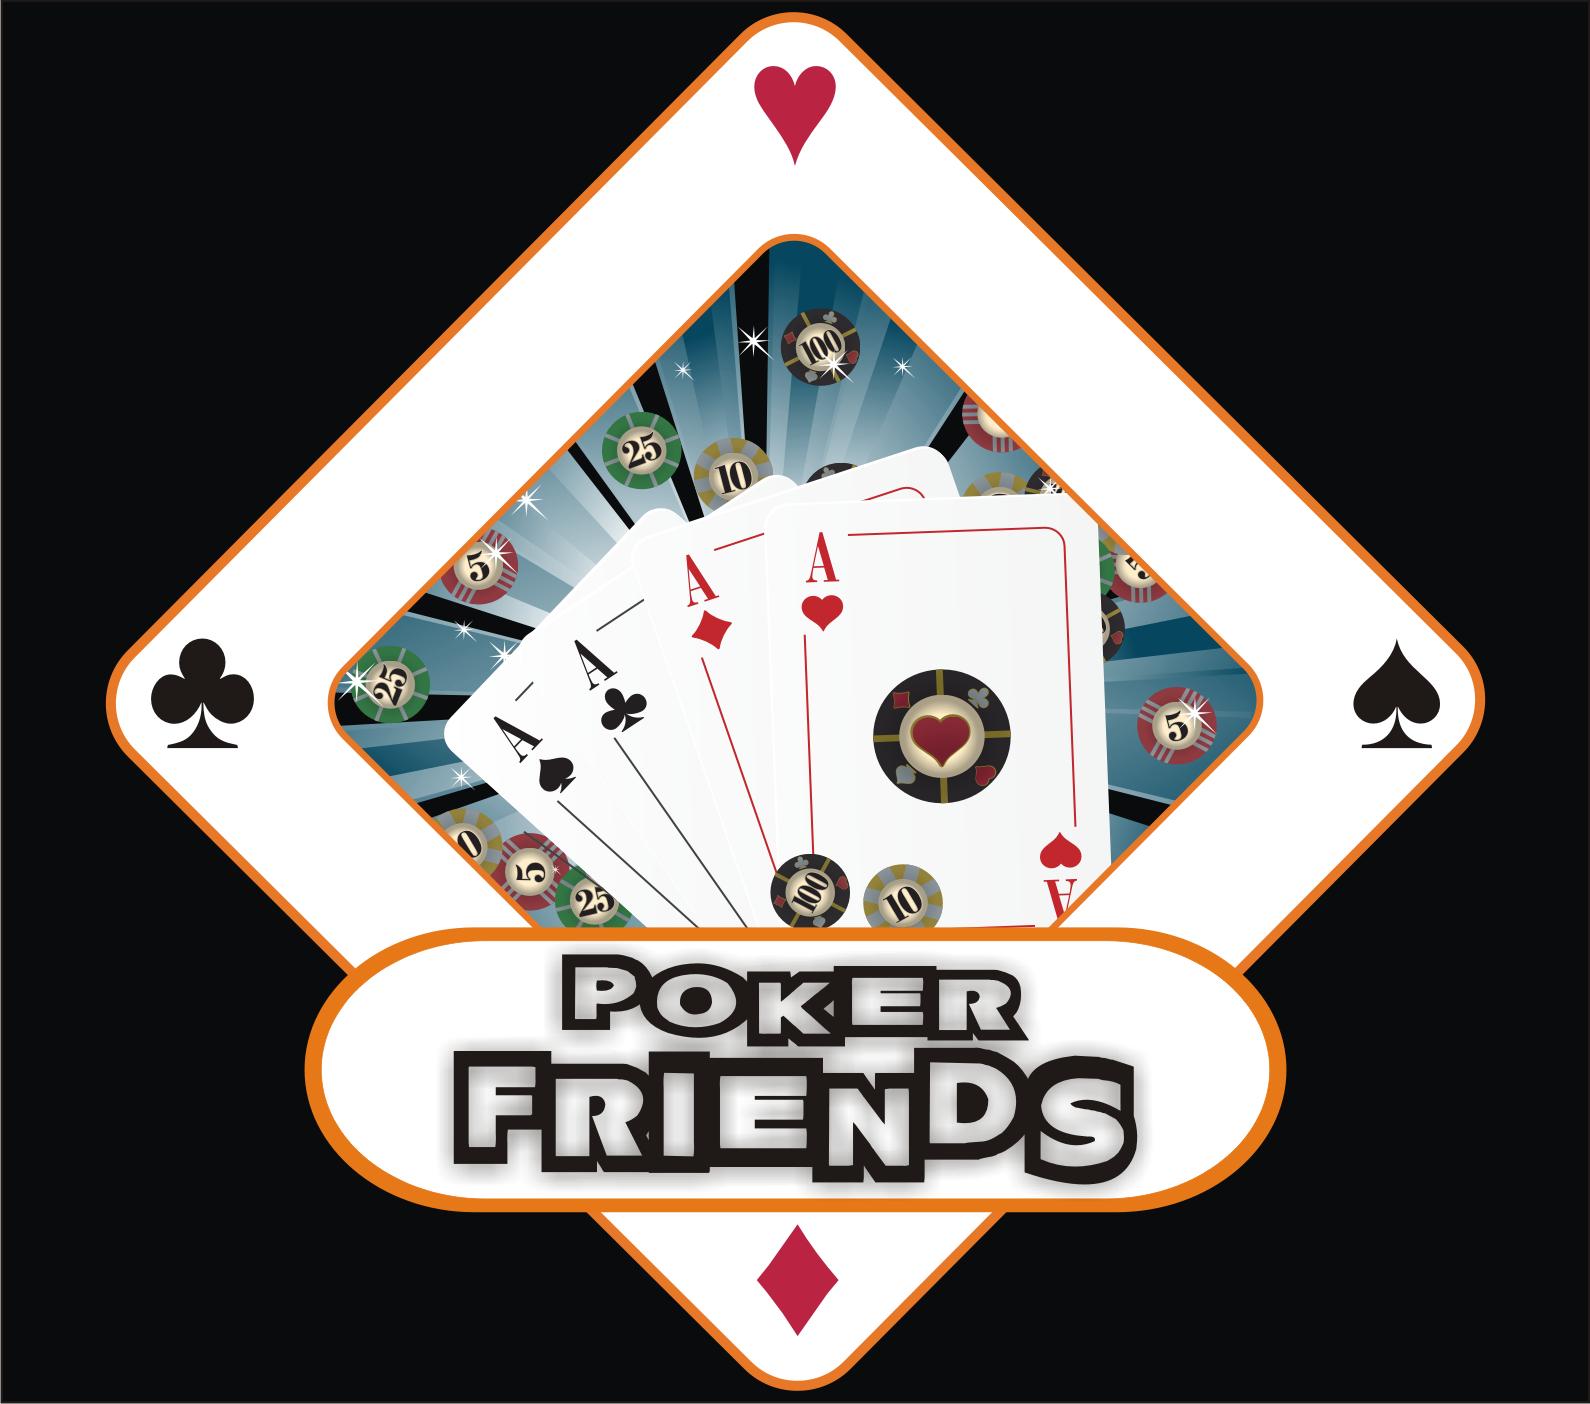 Friends poker